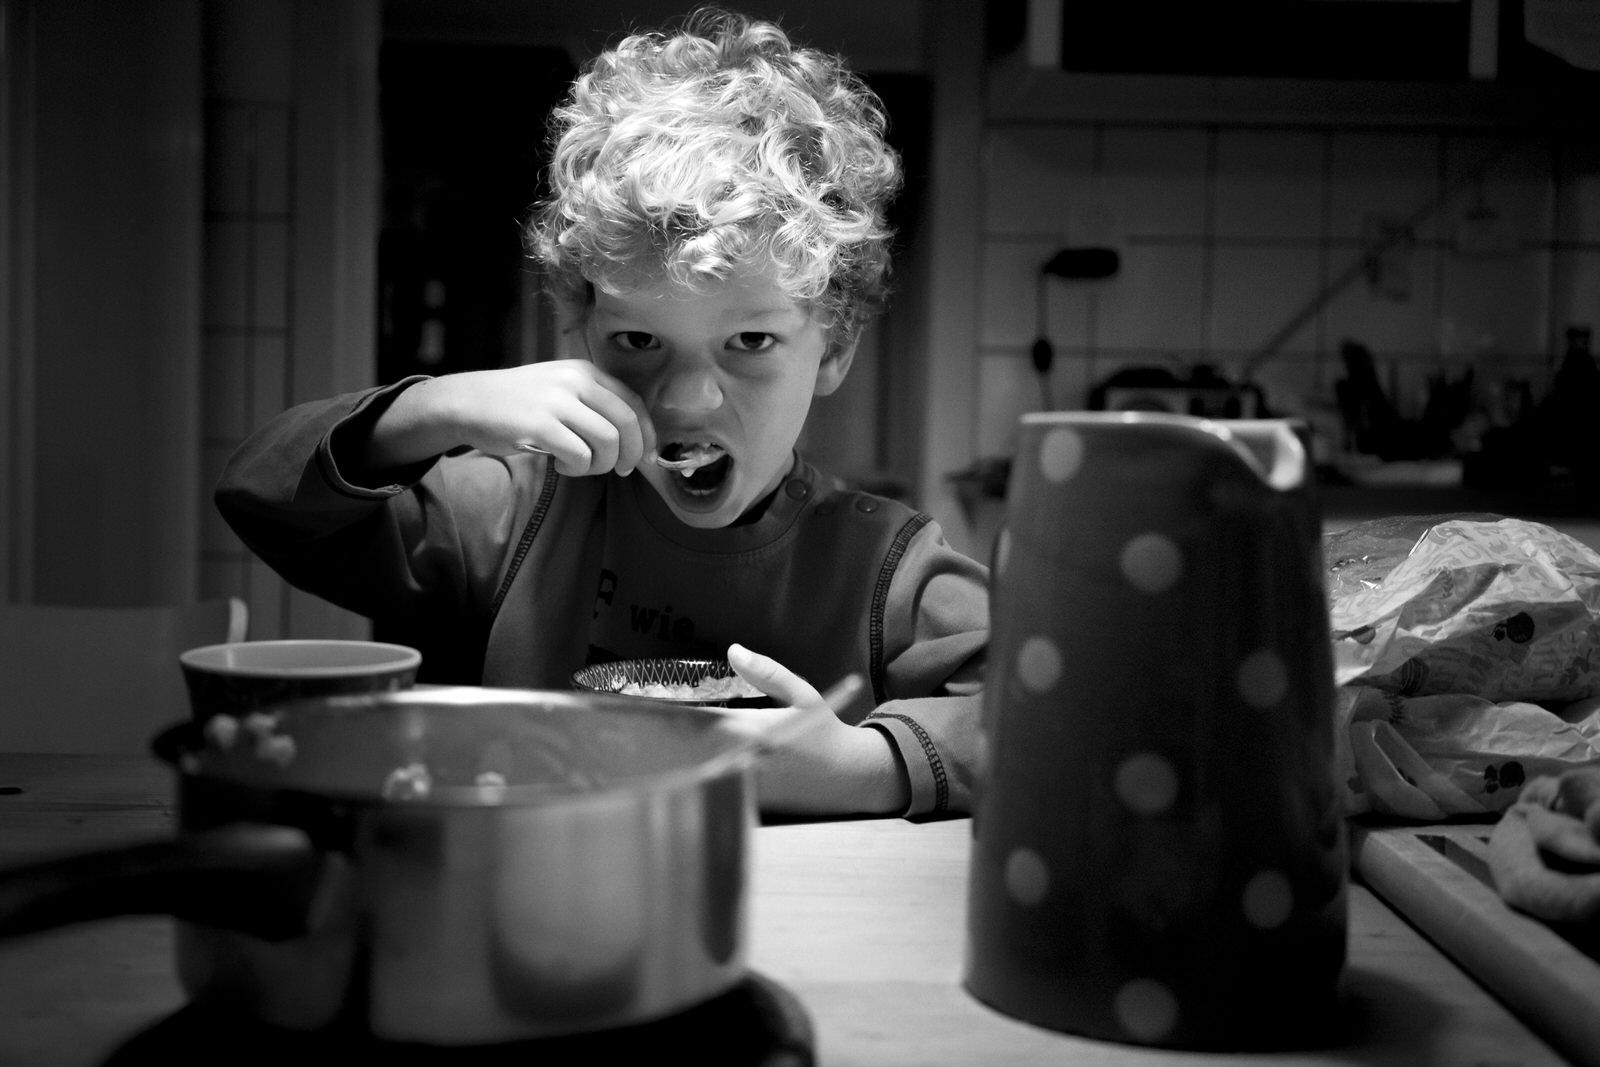 Junge beim Frühstück - Familienfotografin unterwegs | Familienfotos drinnen und draussen